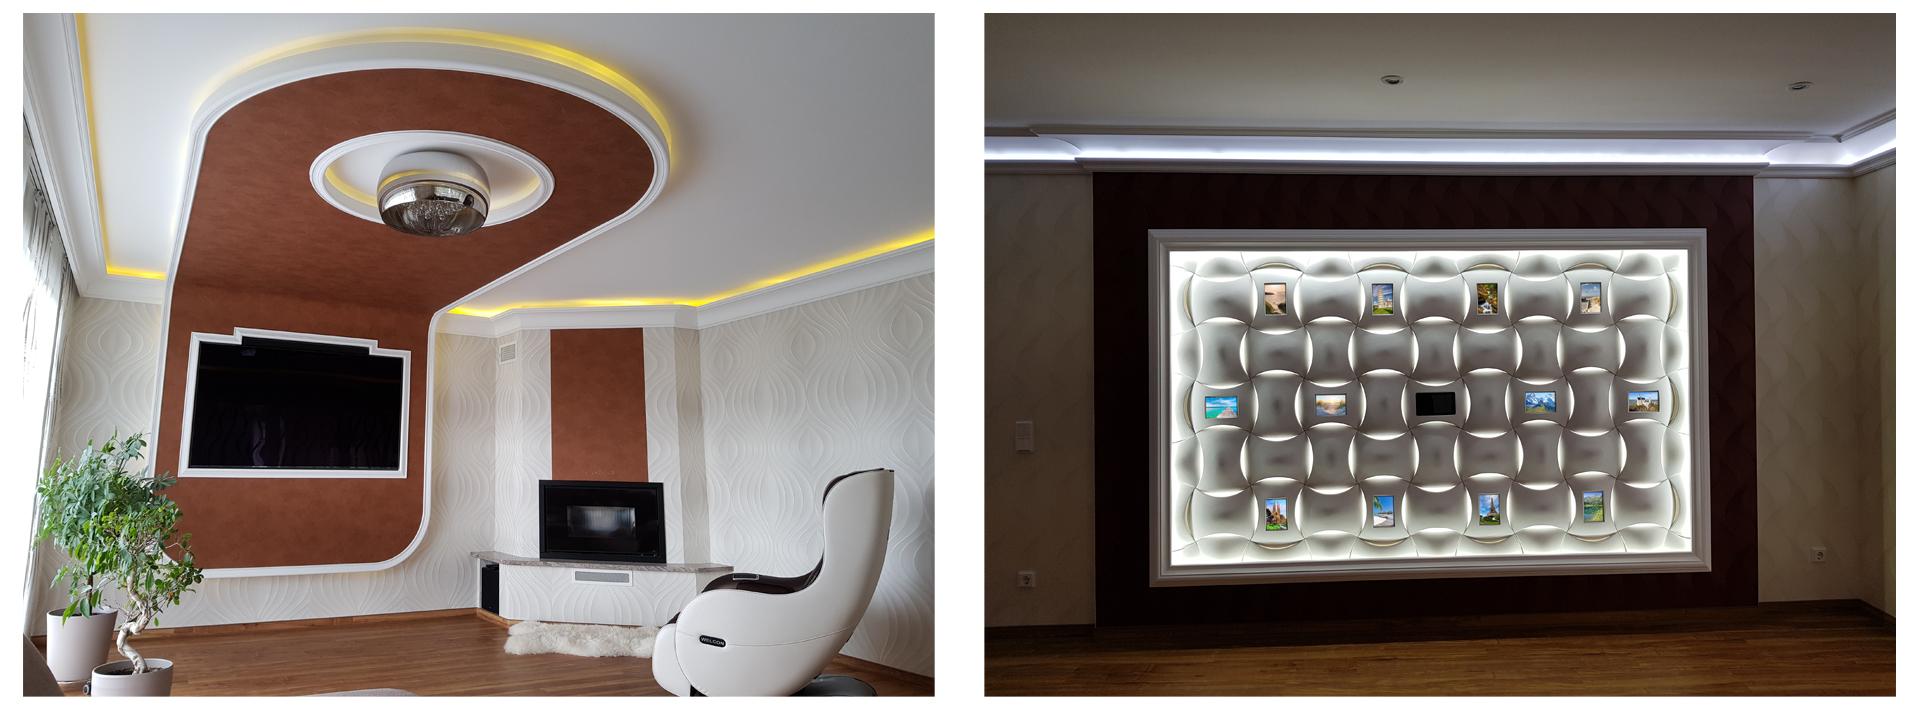 LED-Stuckleisten-indirekte-Beleuchtung-WohnzimmerF0wEHKK72kgIw